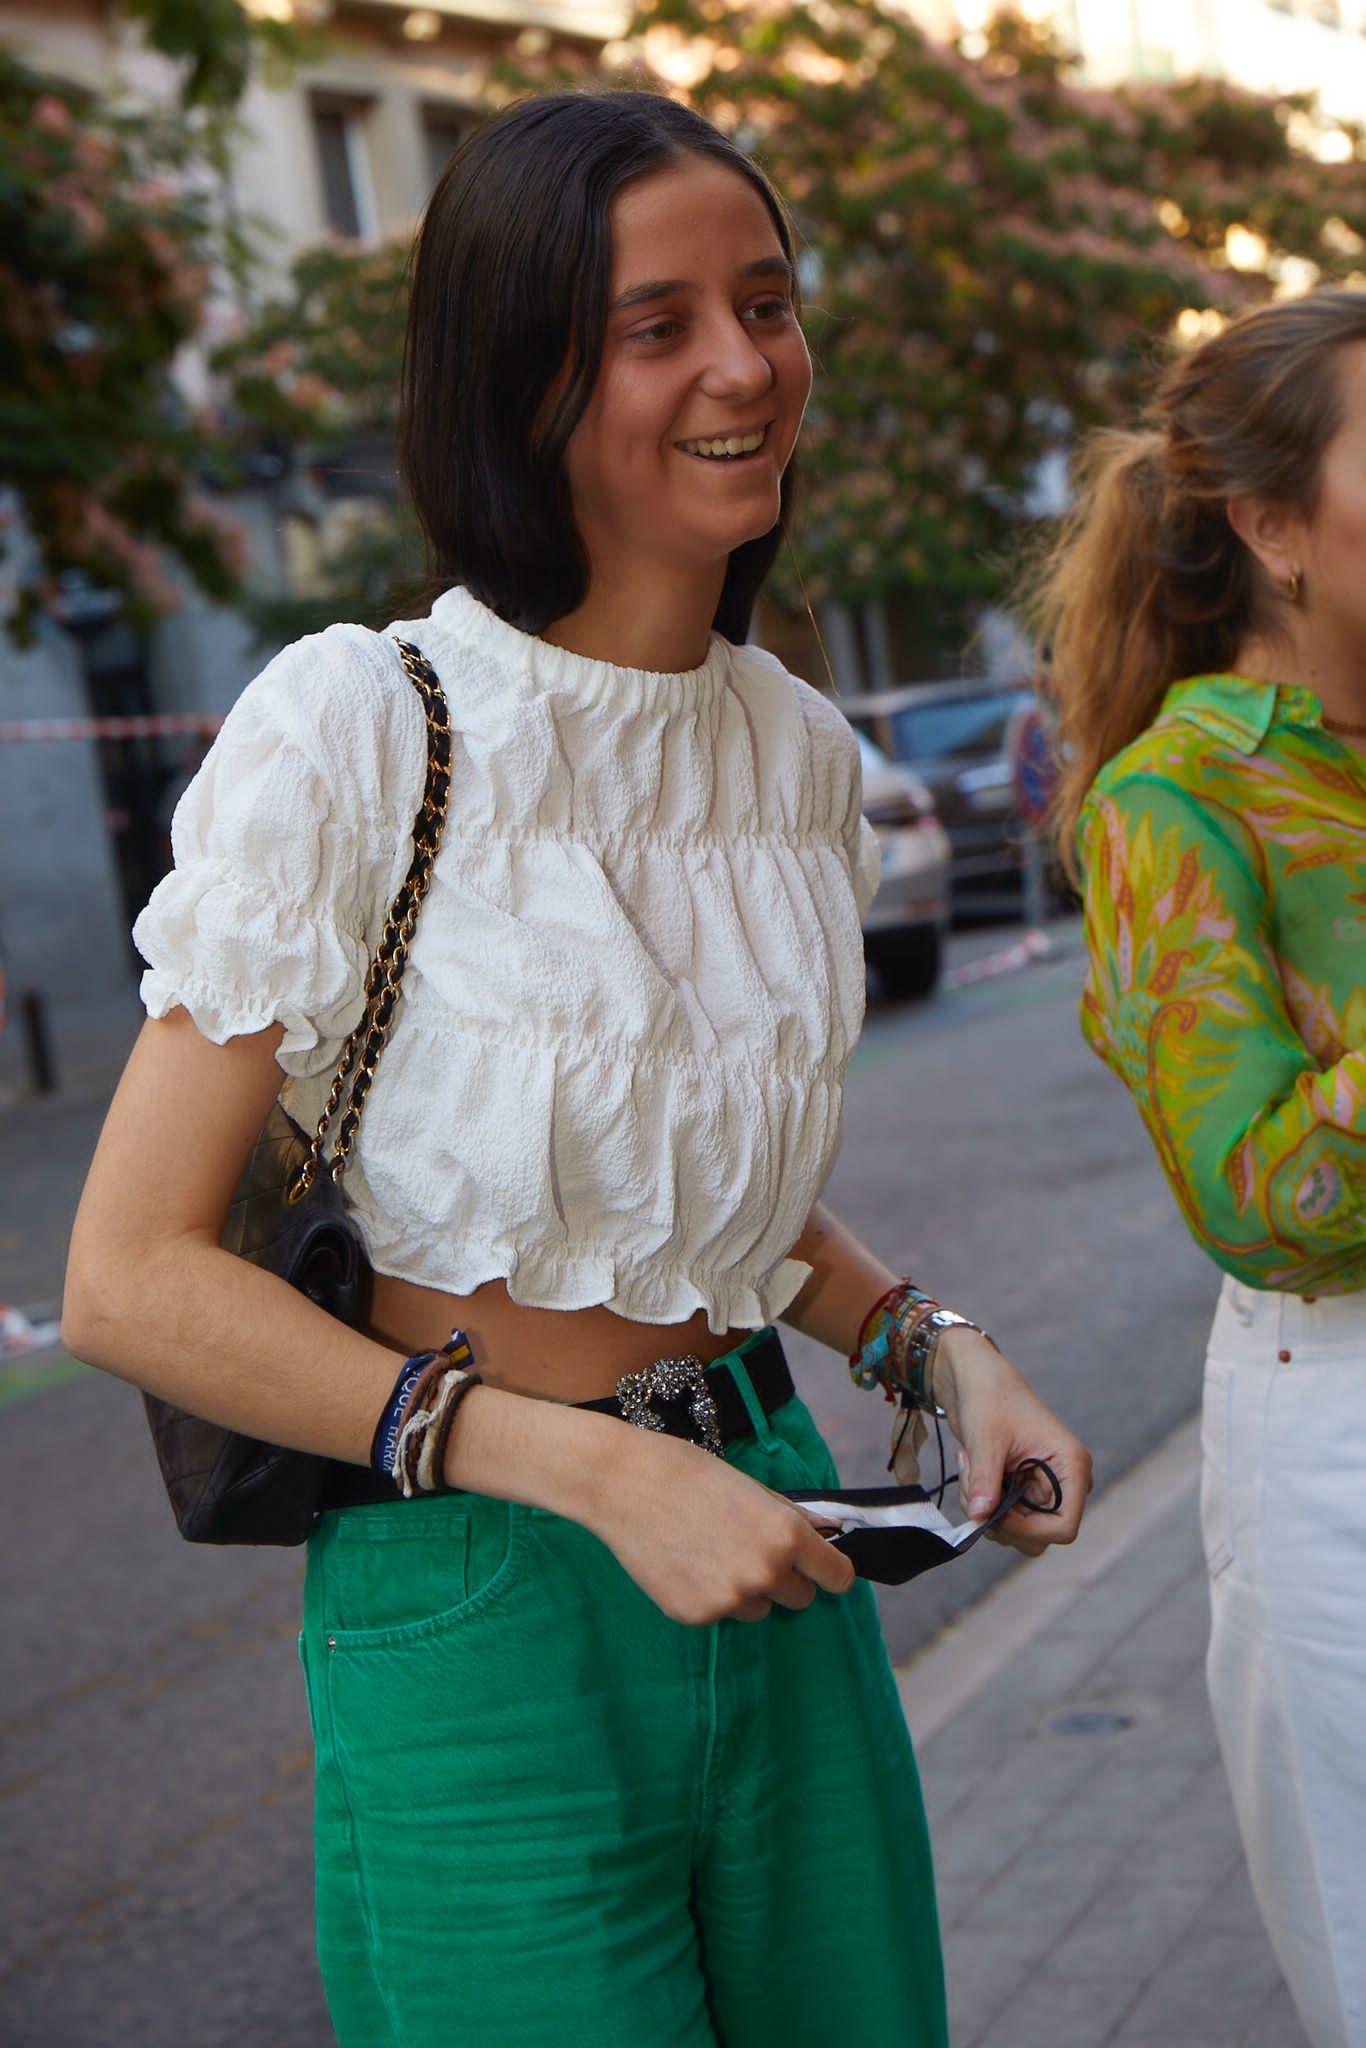 Victoria Federica lució un total look de Zara con bolso de Chanel y zapatos y cinturón de Manolo Blahnik.